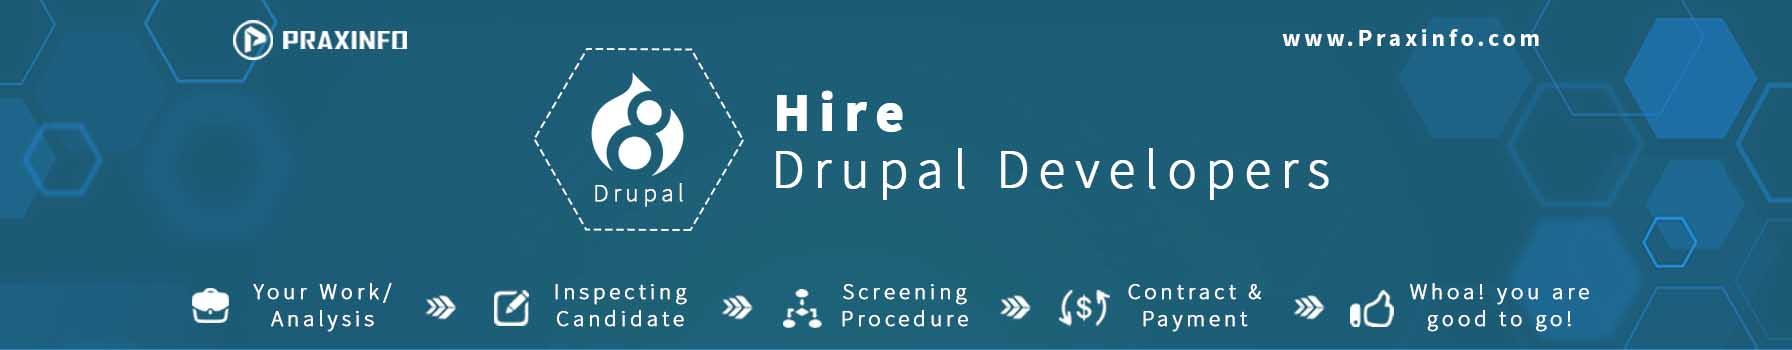 hire-drupal-developer.jpg